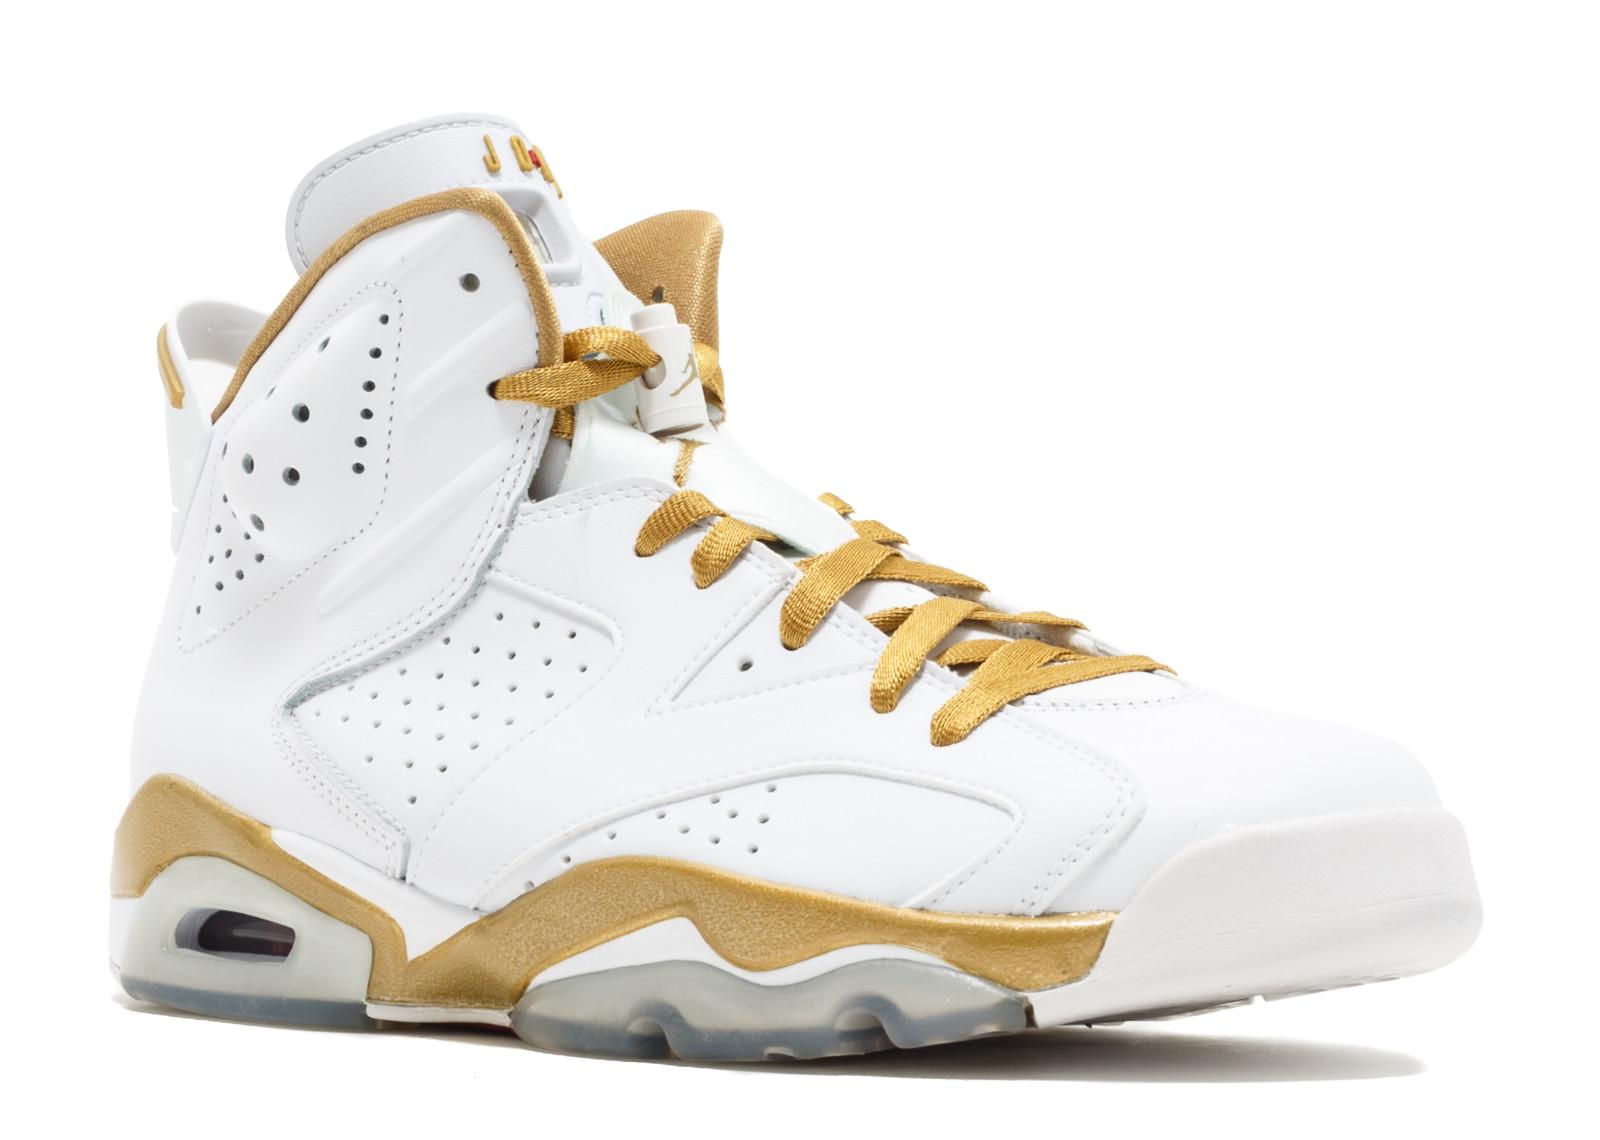 online store 4e27d c3afb Jordan 6 Retro Golden Moments (GMP) - 1